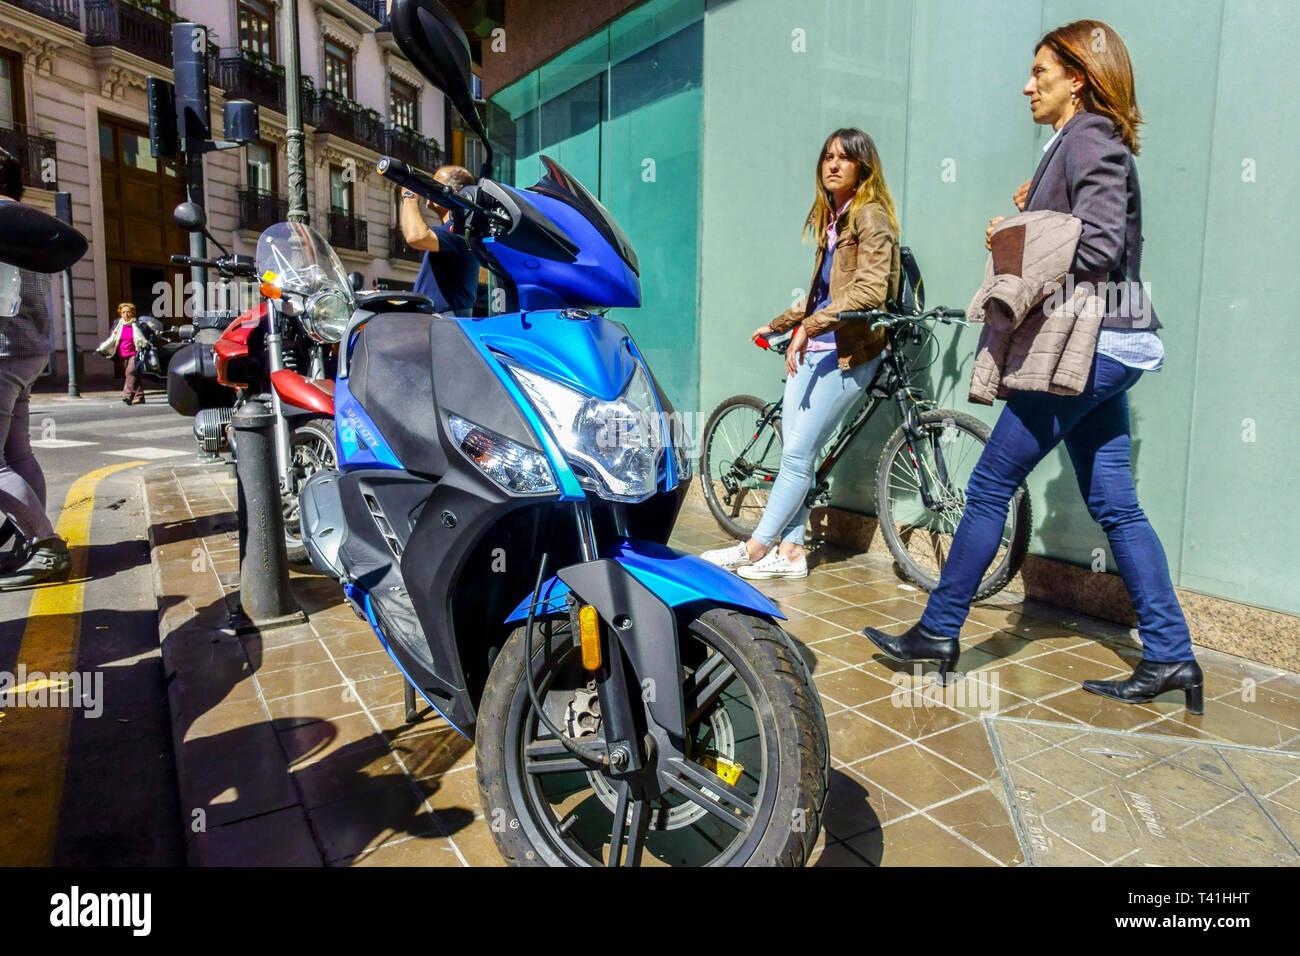 Scène de rue de valence, vue sur la vie de Valence Espagne Europe Photo Stock